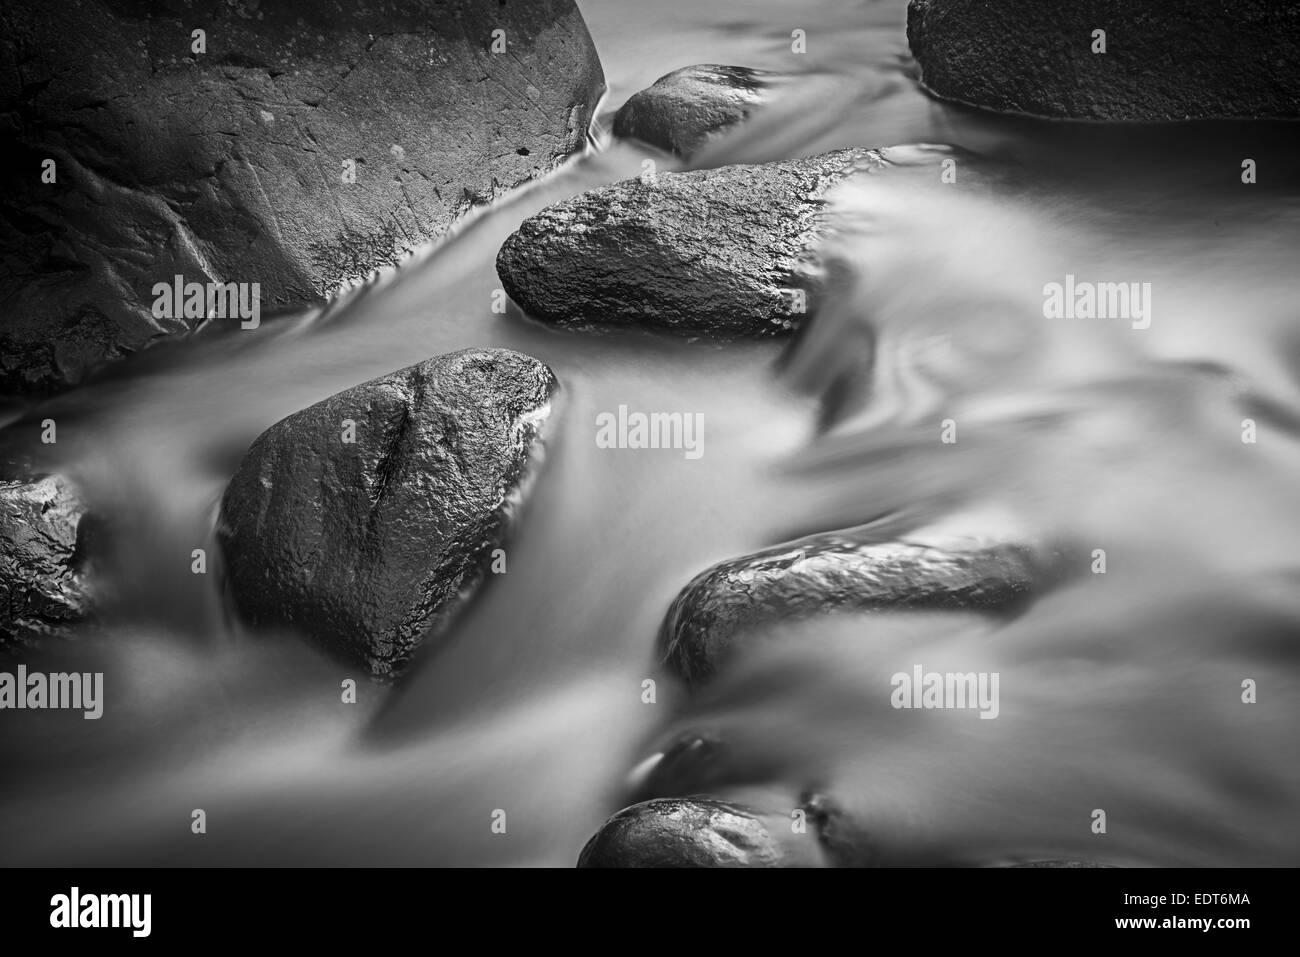 Acqua & rocce nel flusso in bianco e nero Immagini Stock